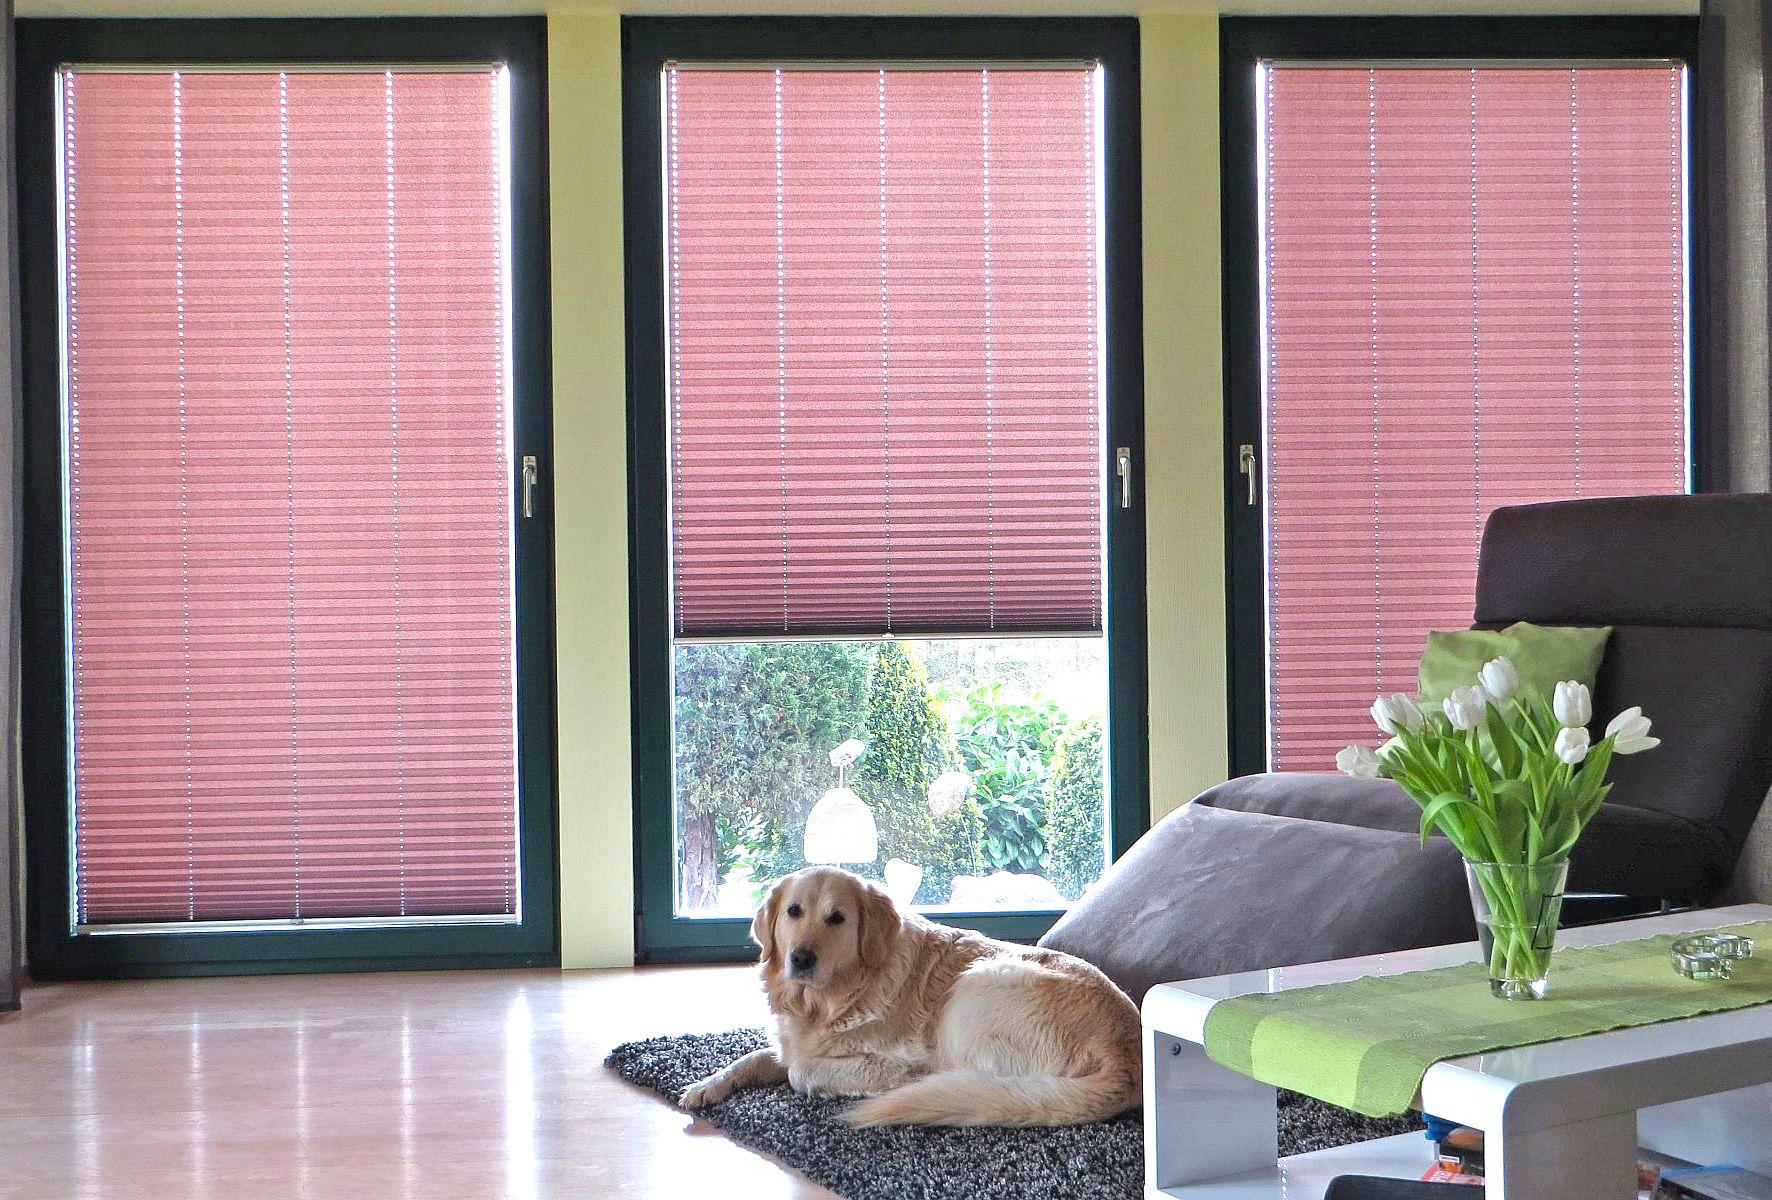 Wohnzimmer rollos ~ Plissee #hund #wohnzimmer #leben #blume macht euer zuhause schöner